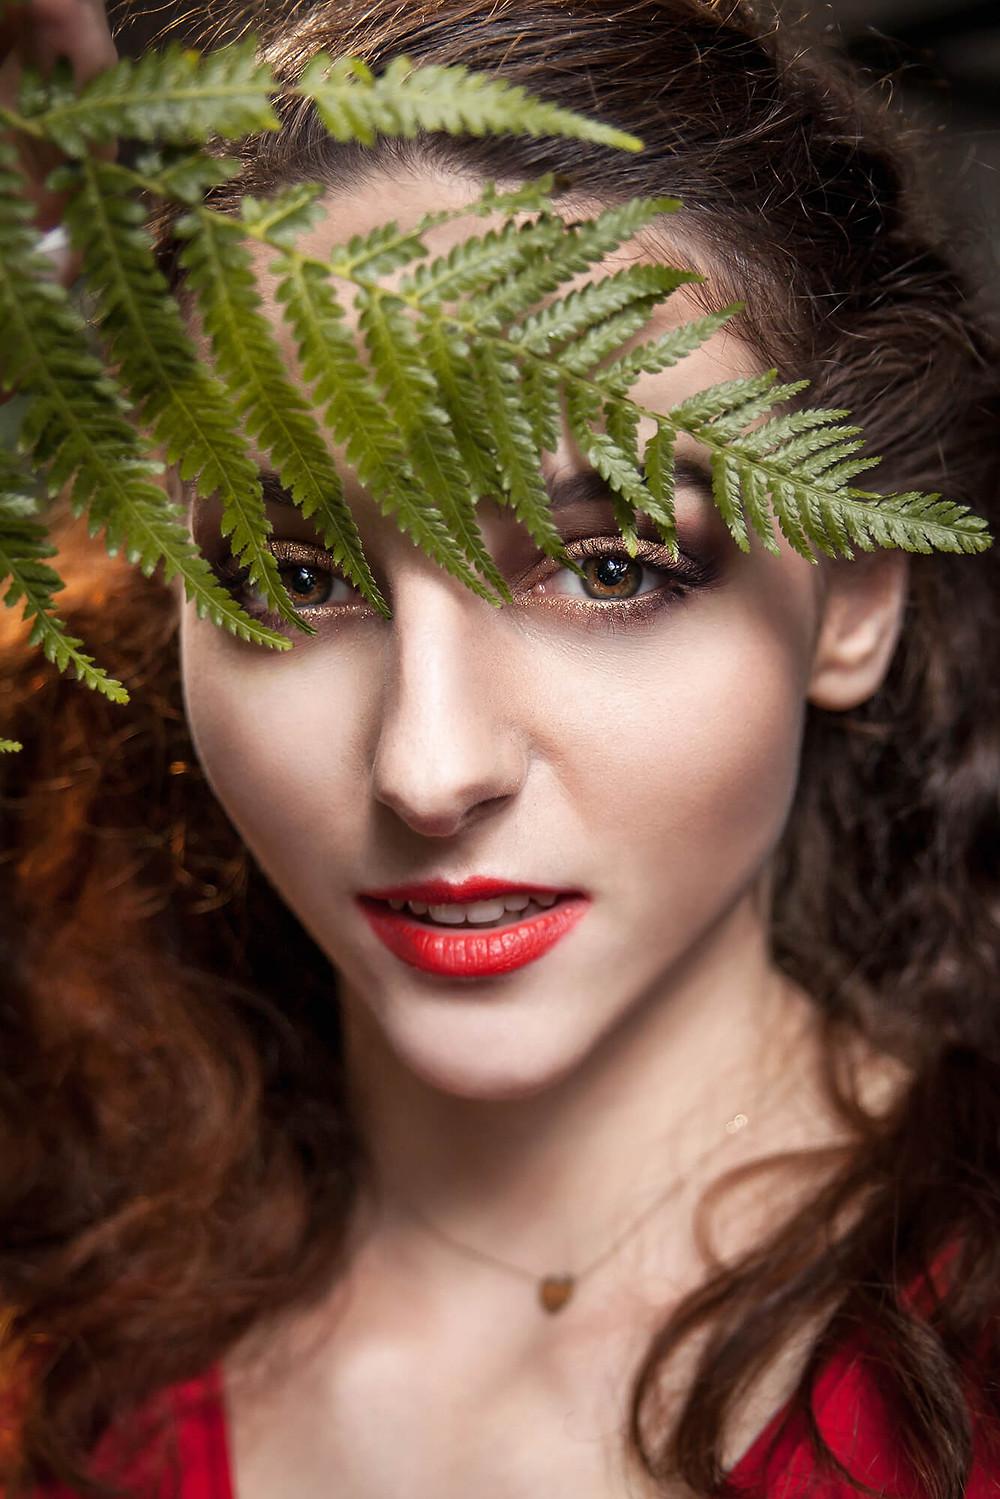 Zbliżenie na twarz modelki przesłoniętej liściem paproci